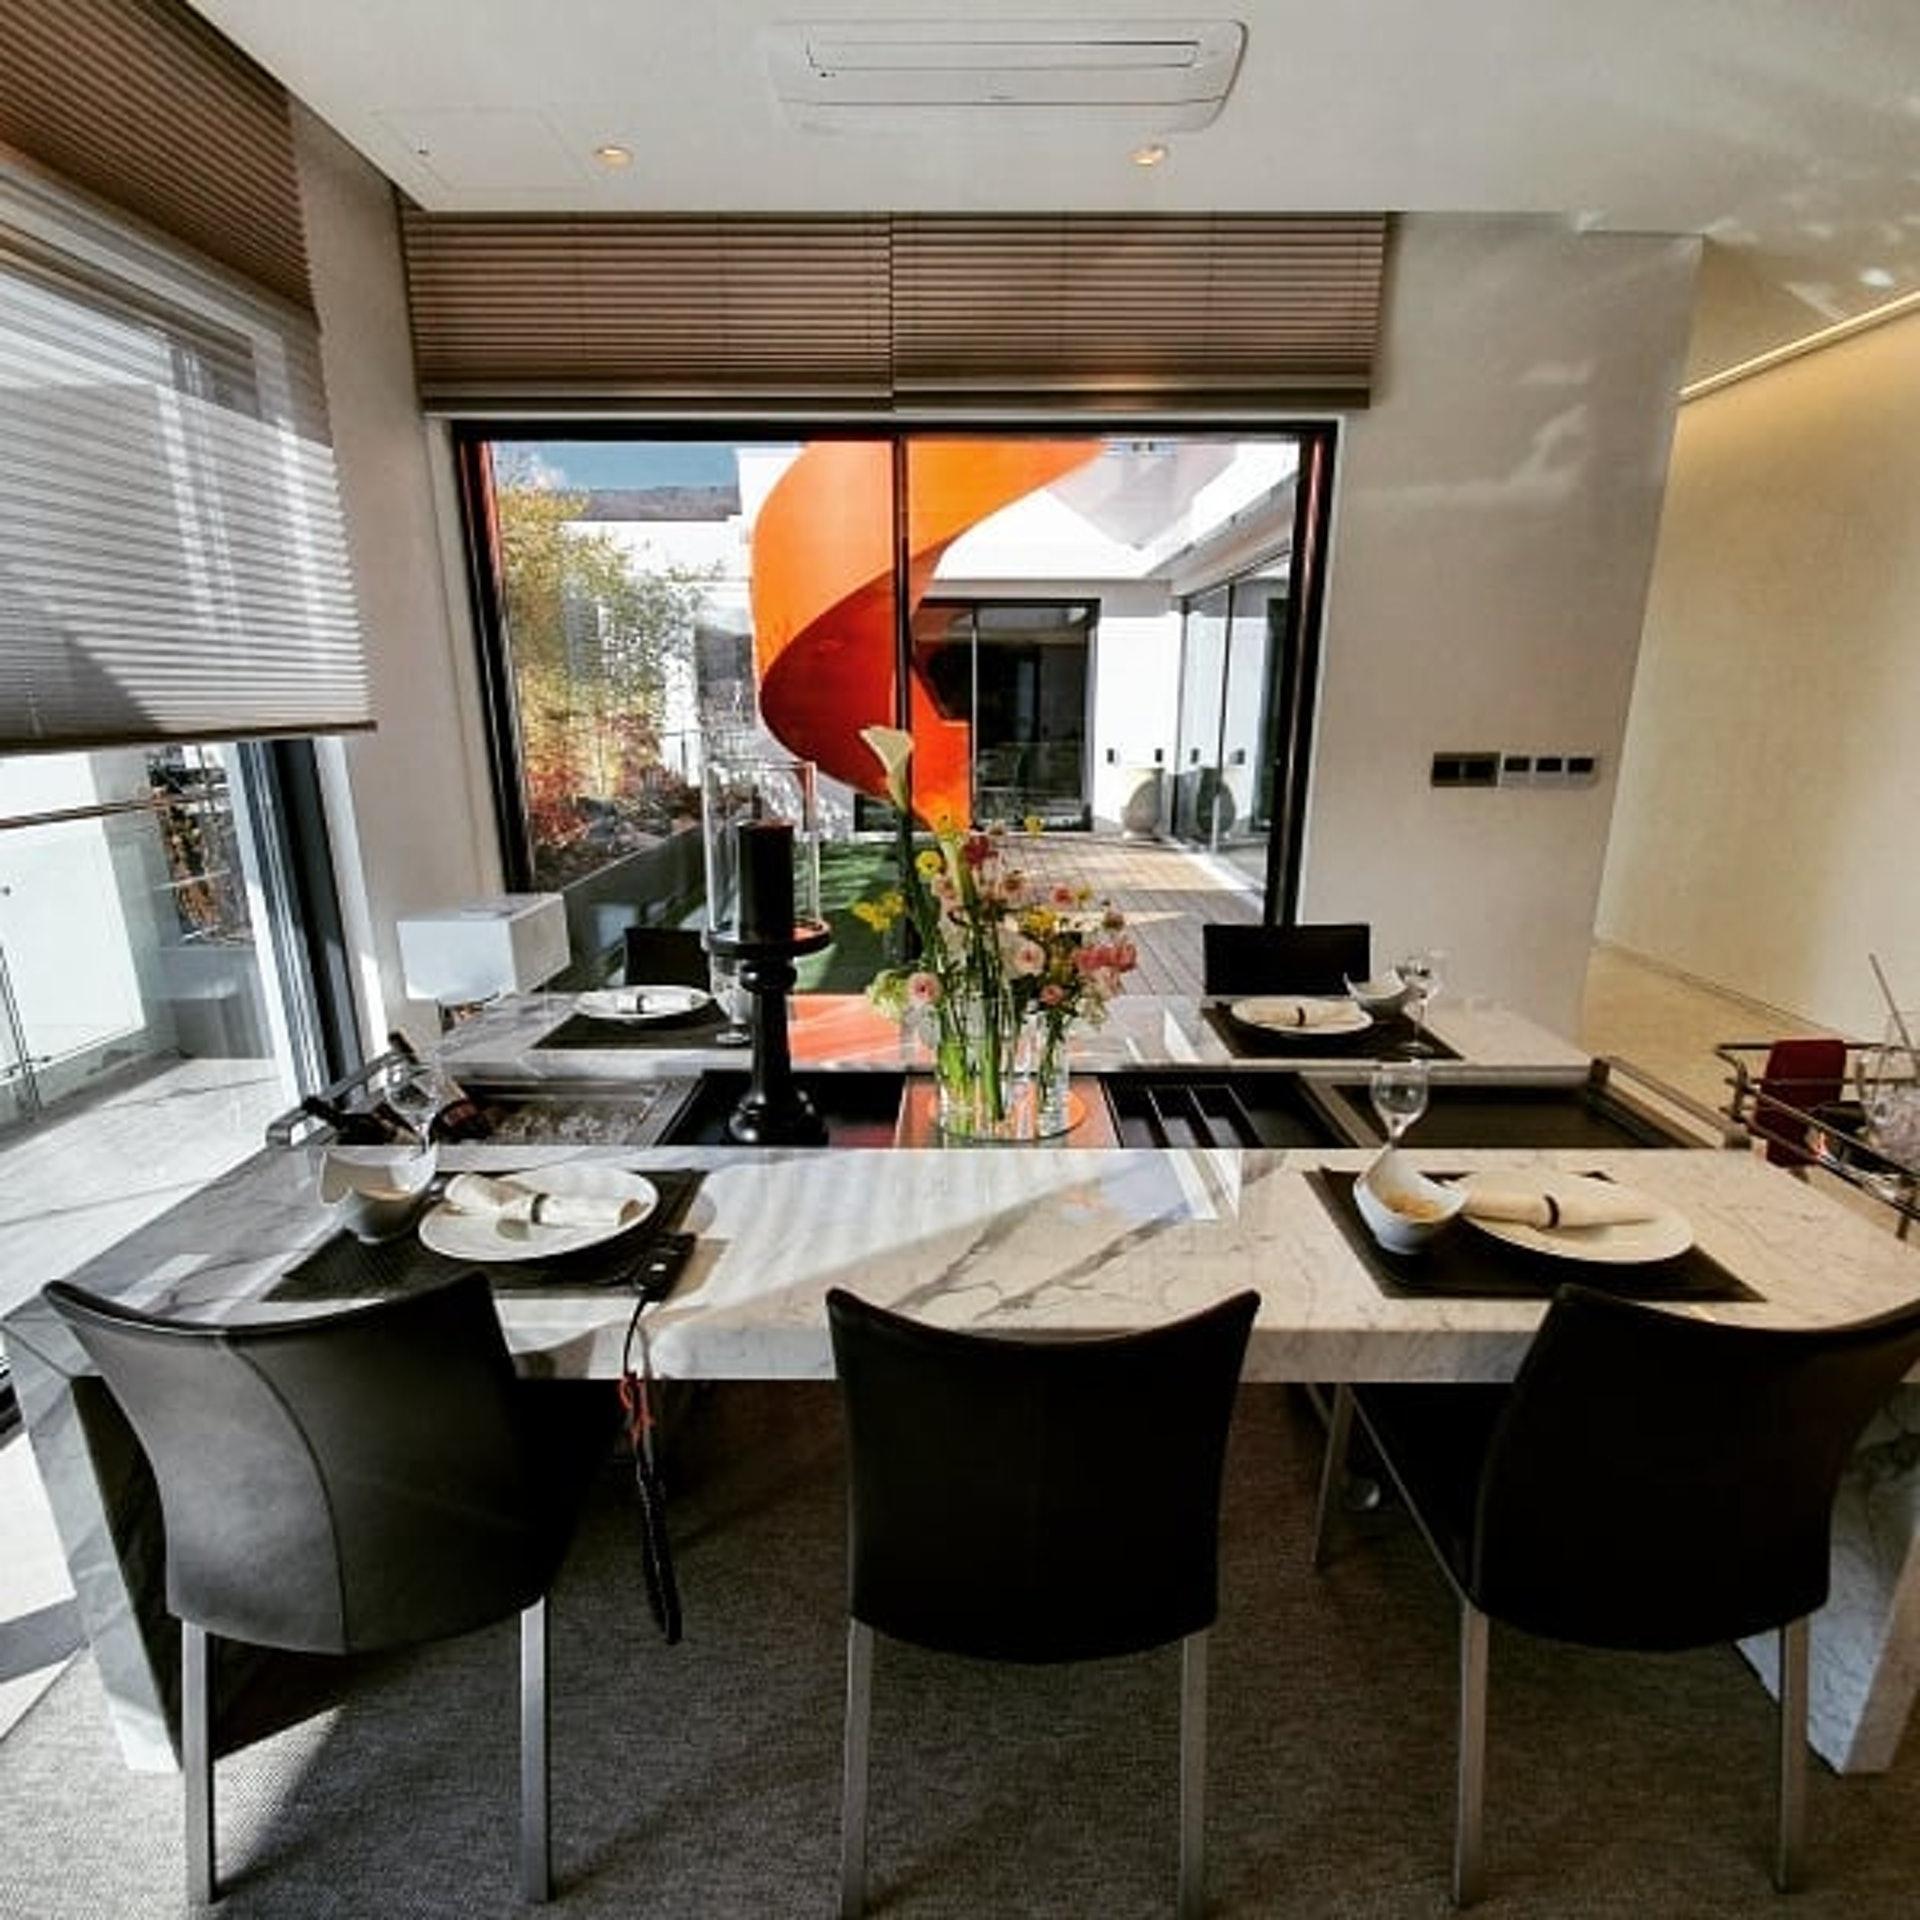 Penthouse mới giá gần 100 tỷ của Hyun Bin gây choáng ngợp vì độ sang chảnh - Ảnh 5.